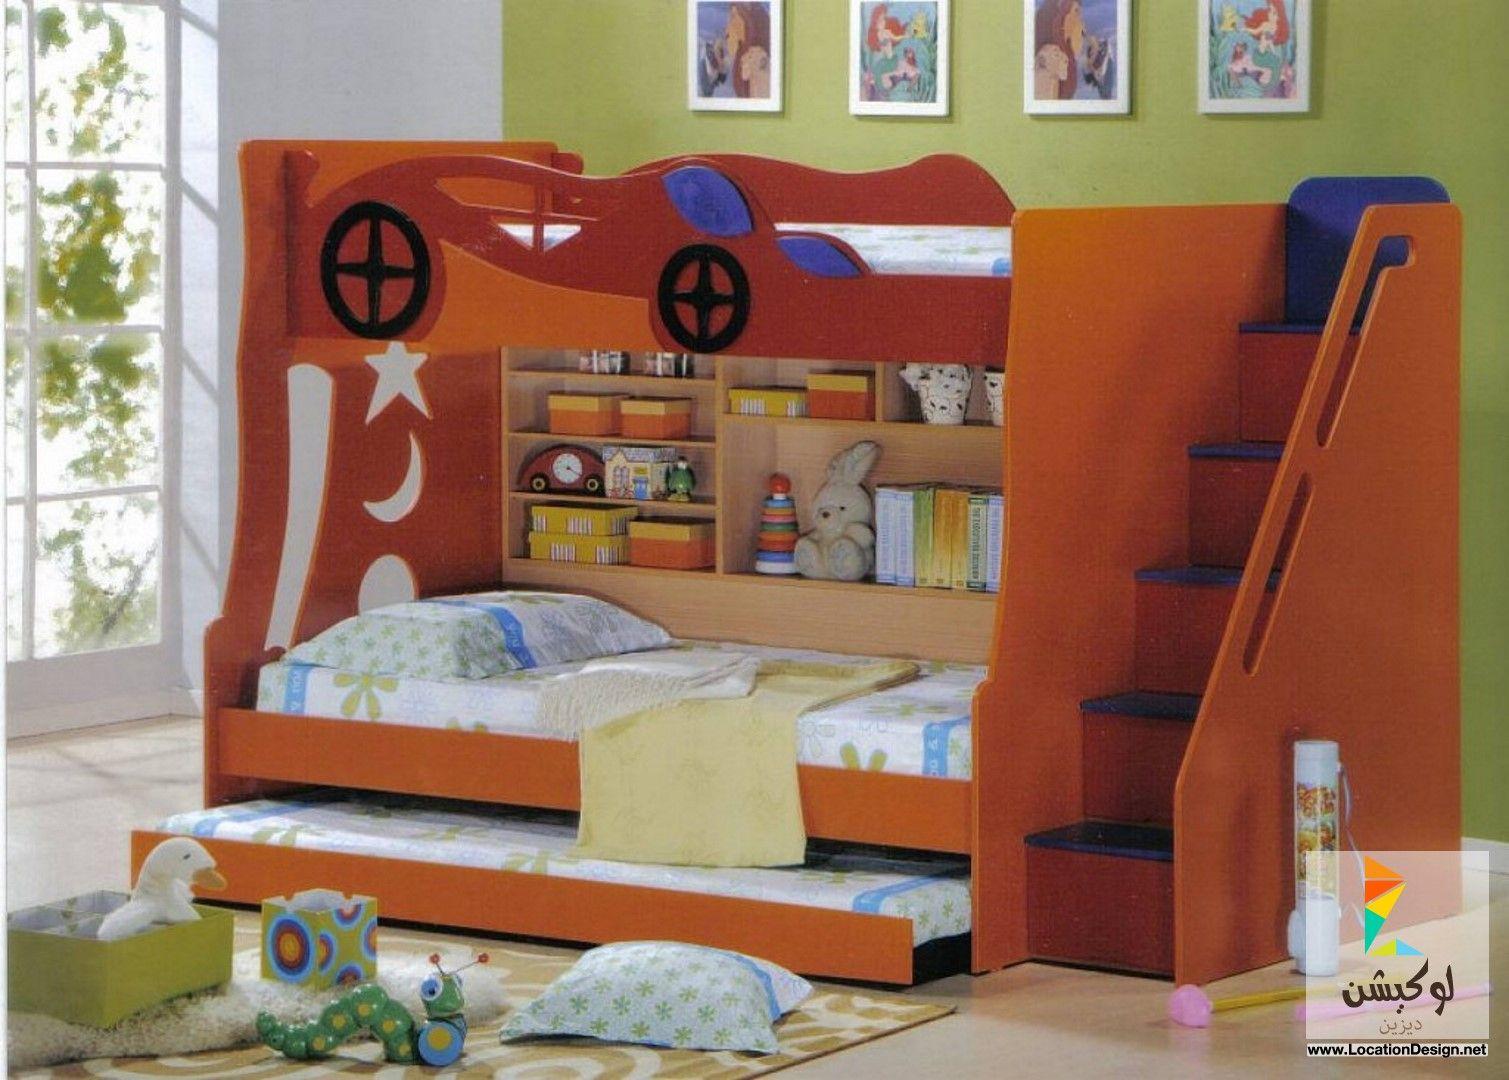 أحدث 10 ديكورات دهانات غرف نوم اطفال باللون البني لعام 2015 لوكيشن ديزاين Childrens Bedroom Furniture Sets Toddler Bedroom Sets Kids Bedroom Furniture Sets